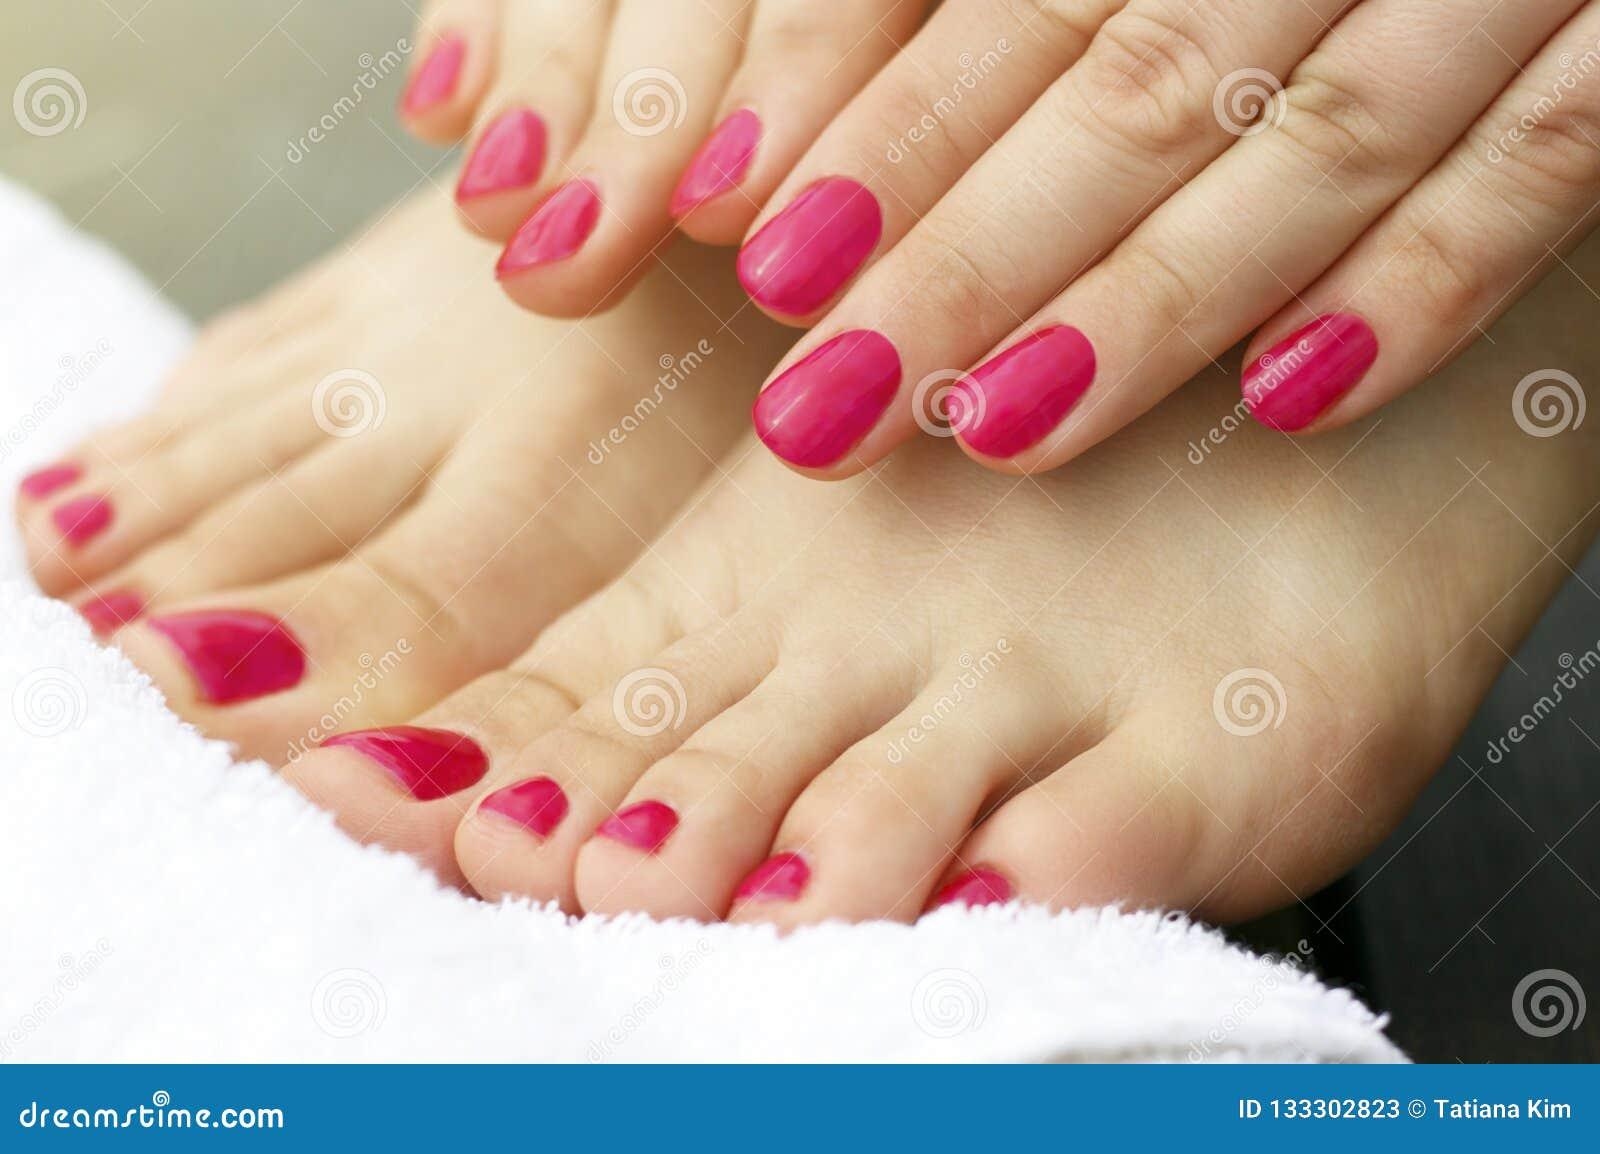 Manicura y pedicura rosadas en las manos y las piernas femeninas, primer, vista lateral